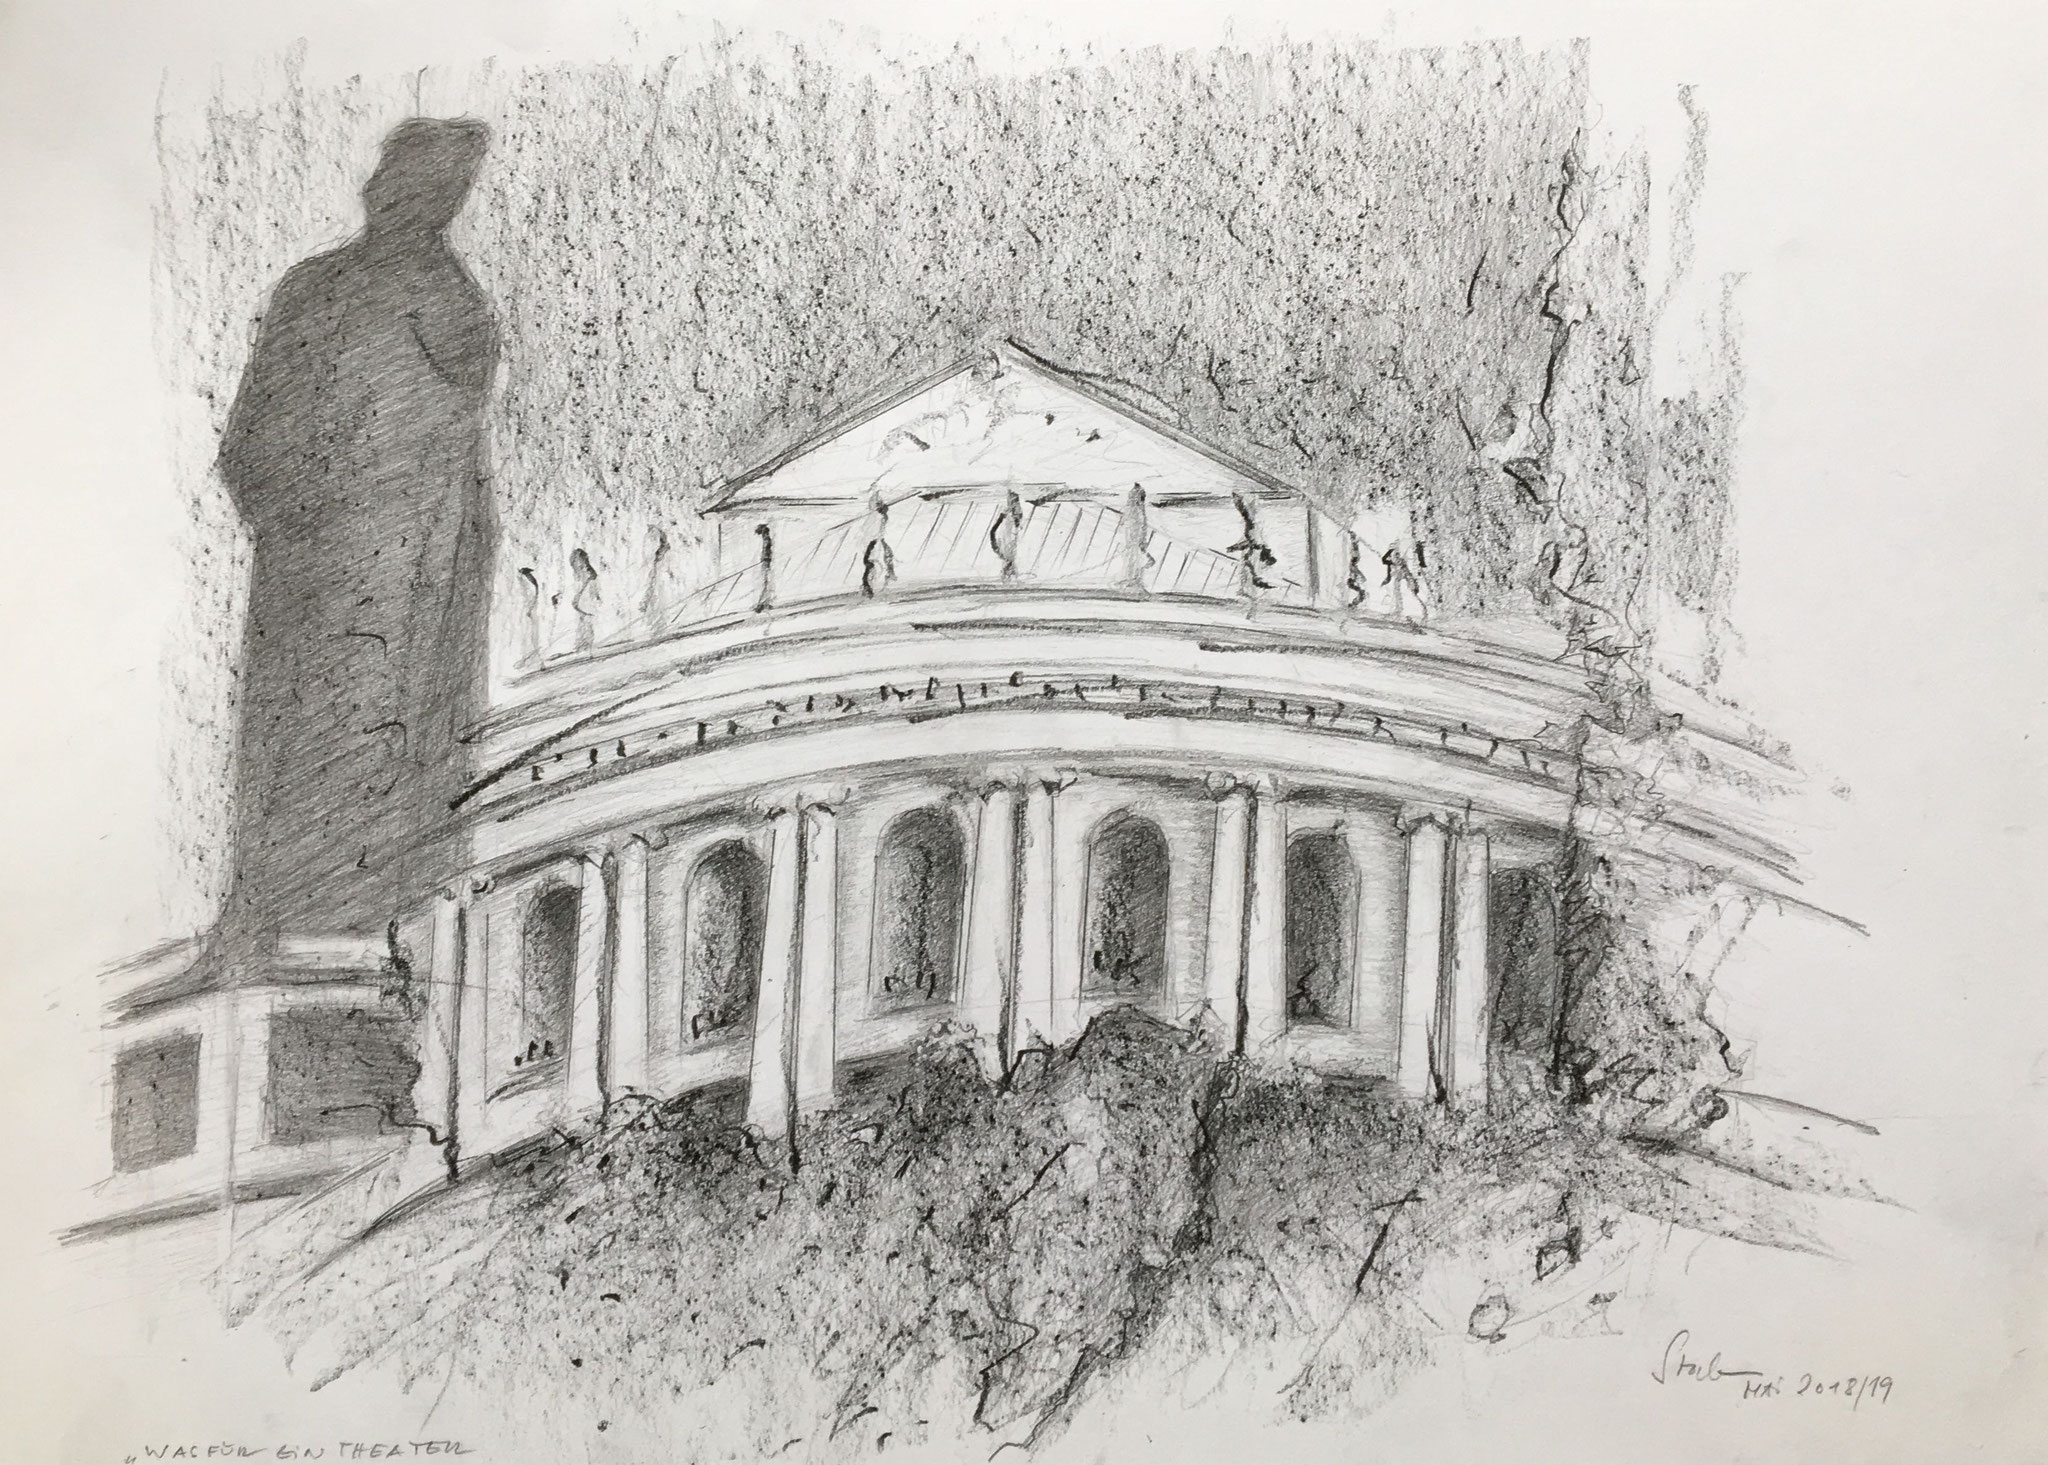 Soviel Theater ums Theater (Schiller überwacht die Stuttgarter Opernhaus-Sanierung), 2019, Zeichnung, 30 x 40 cm (#1031)